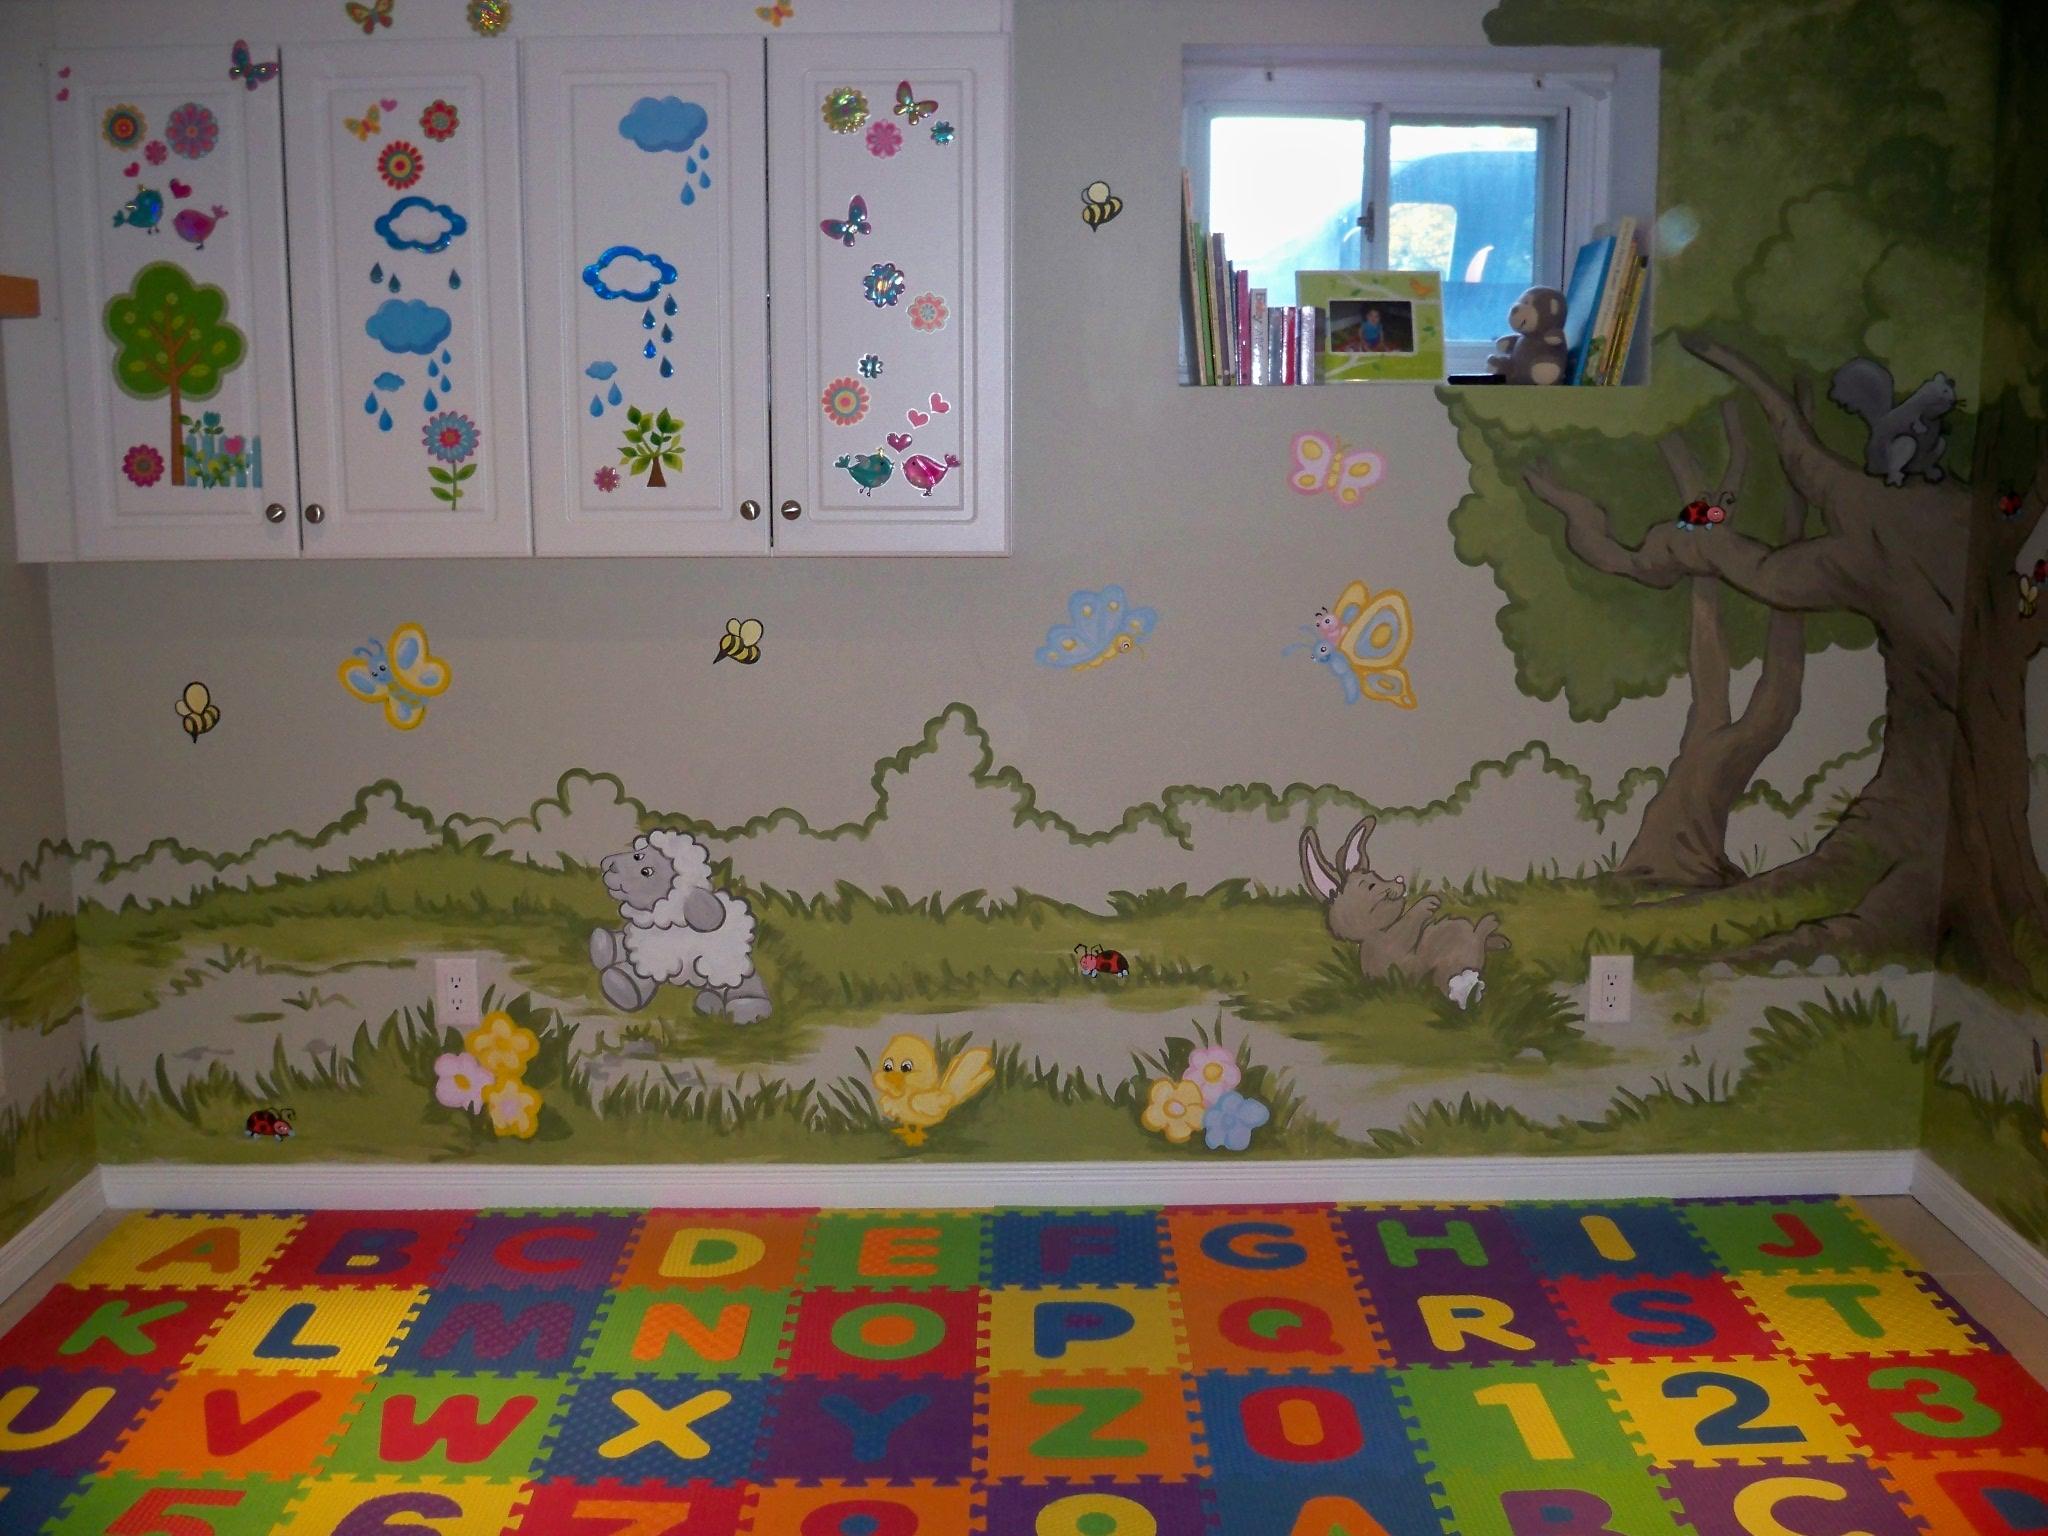 Murals By Marg Genevieve's Playroom Mural 4.JPG